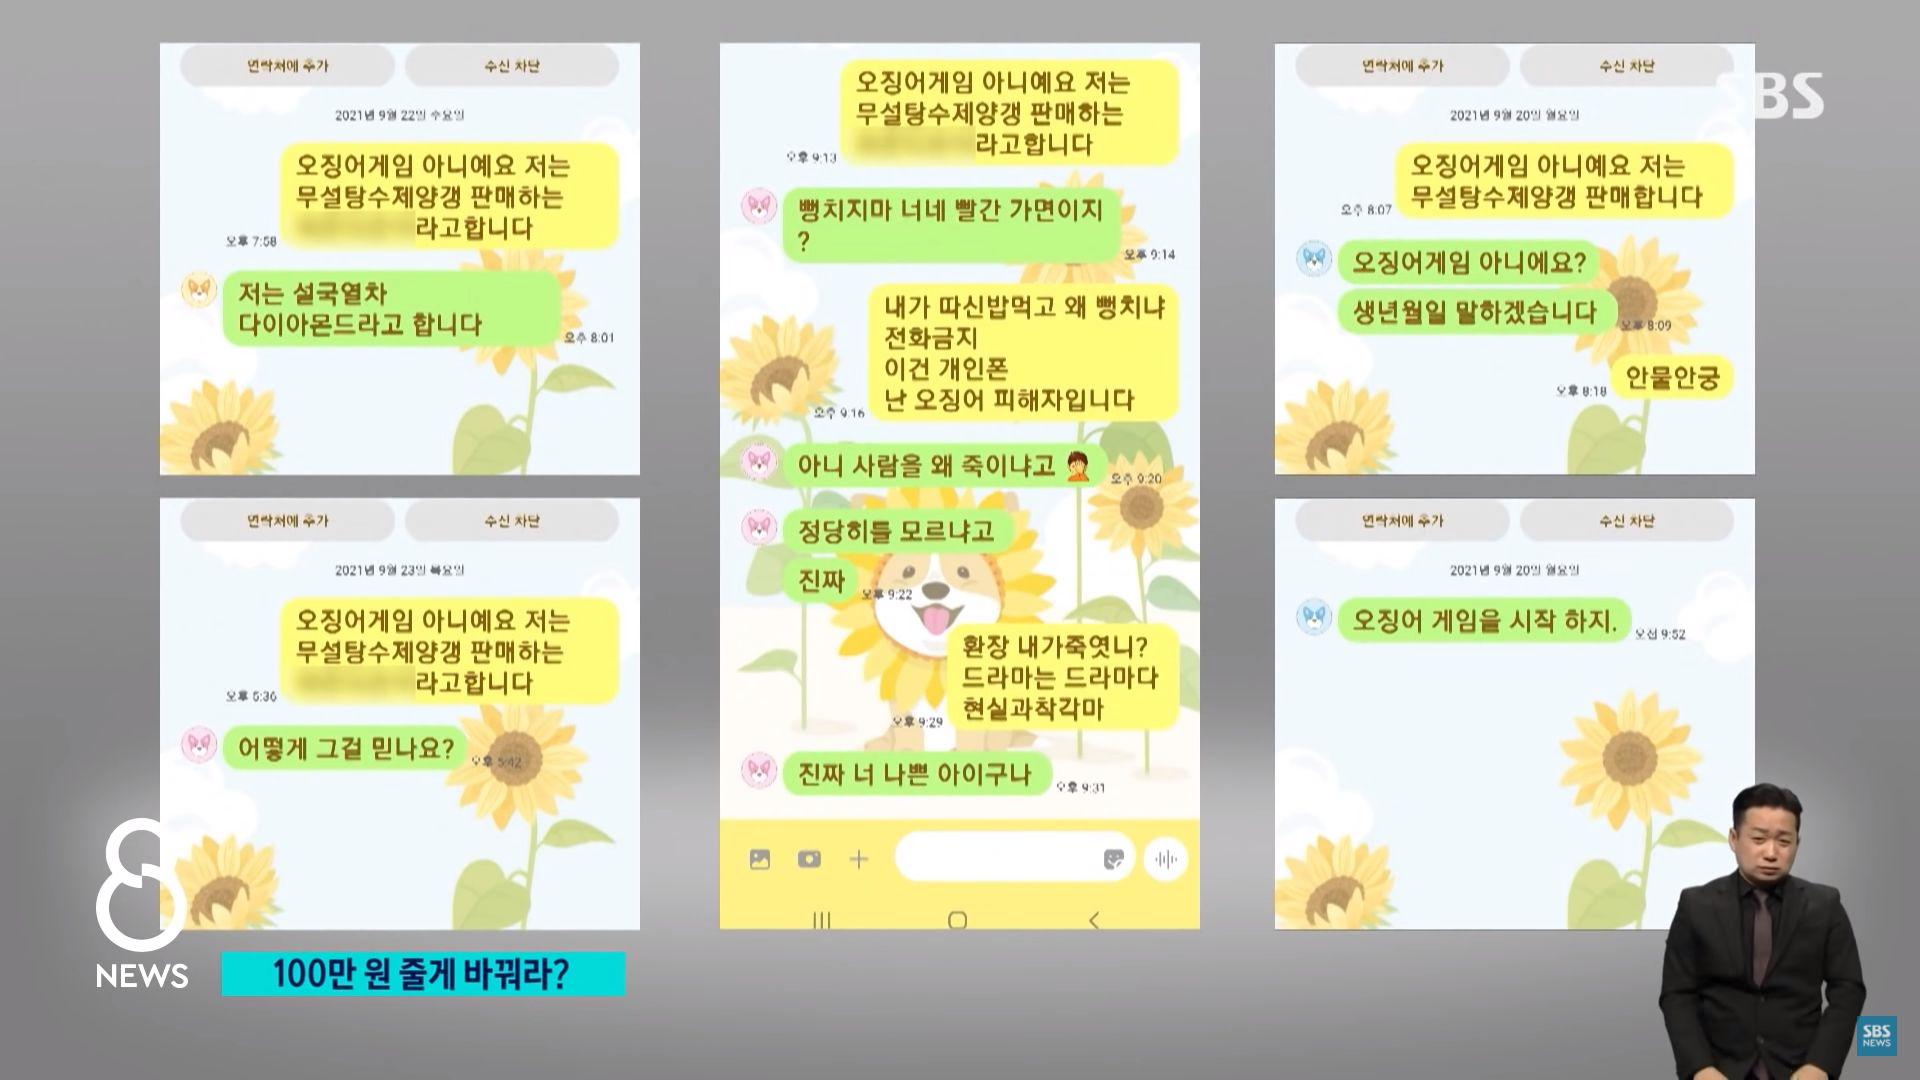 ▲▼《魷魚遊戲》苦主公開遭陌生訊息騷擾時的對話內容。(圖/翻攝自Youtube@SBS 뉴스)